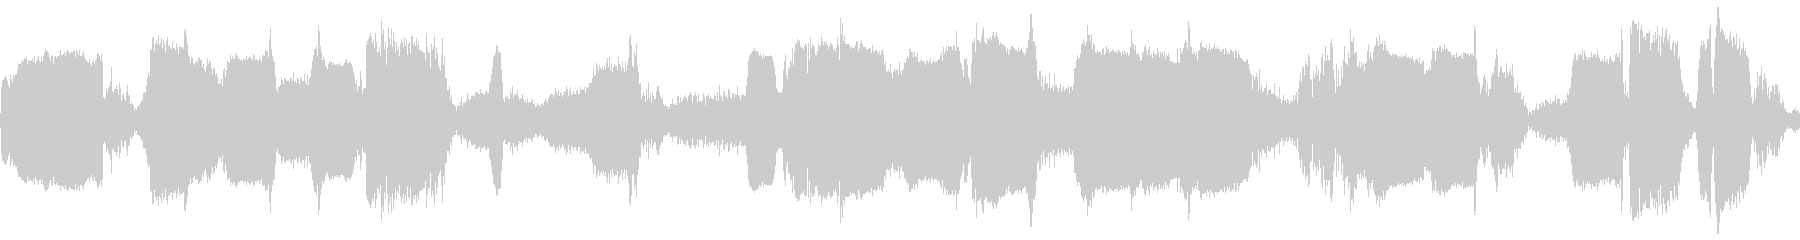 短波チューニングの未再生の波形